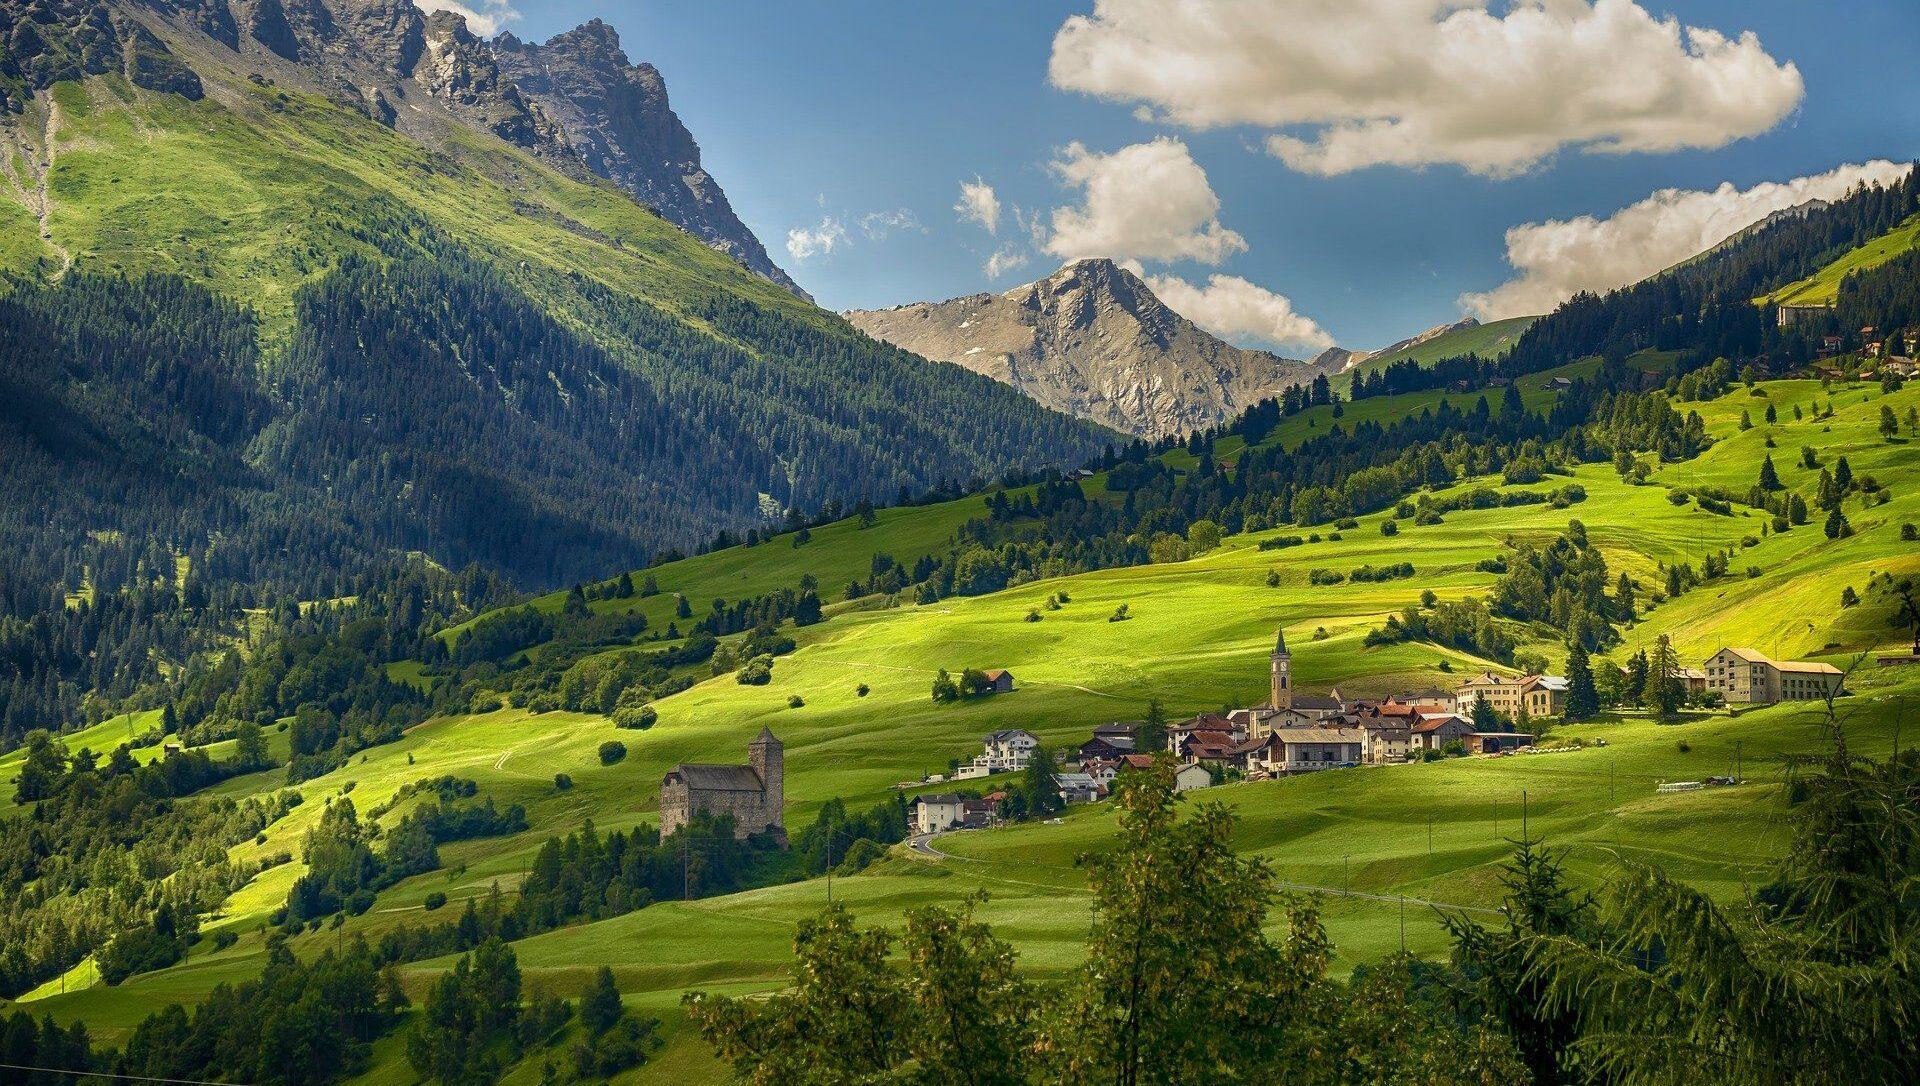 Un village en Suisse - Sputnik France, 1920, 26.02.2021